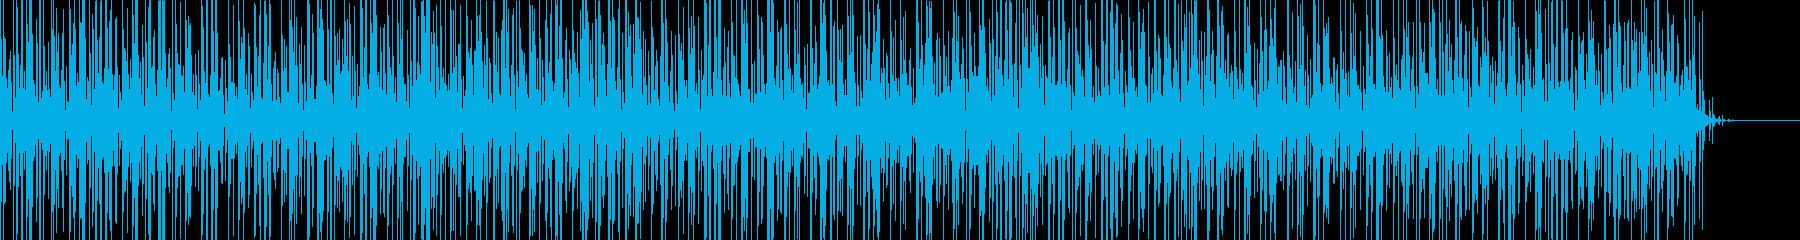 実用的な緊迫感のあるシンセBGM5の再生済みの波形